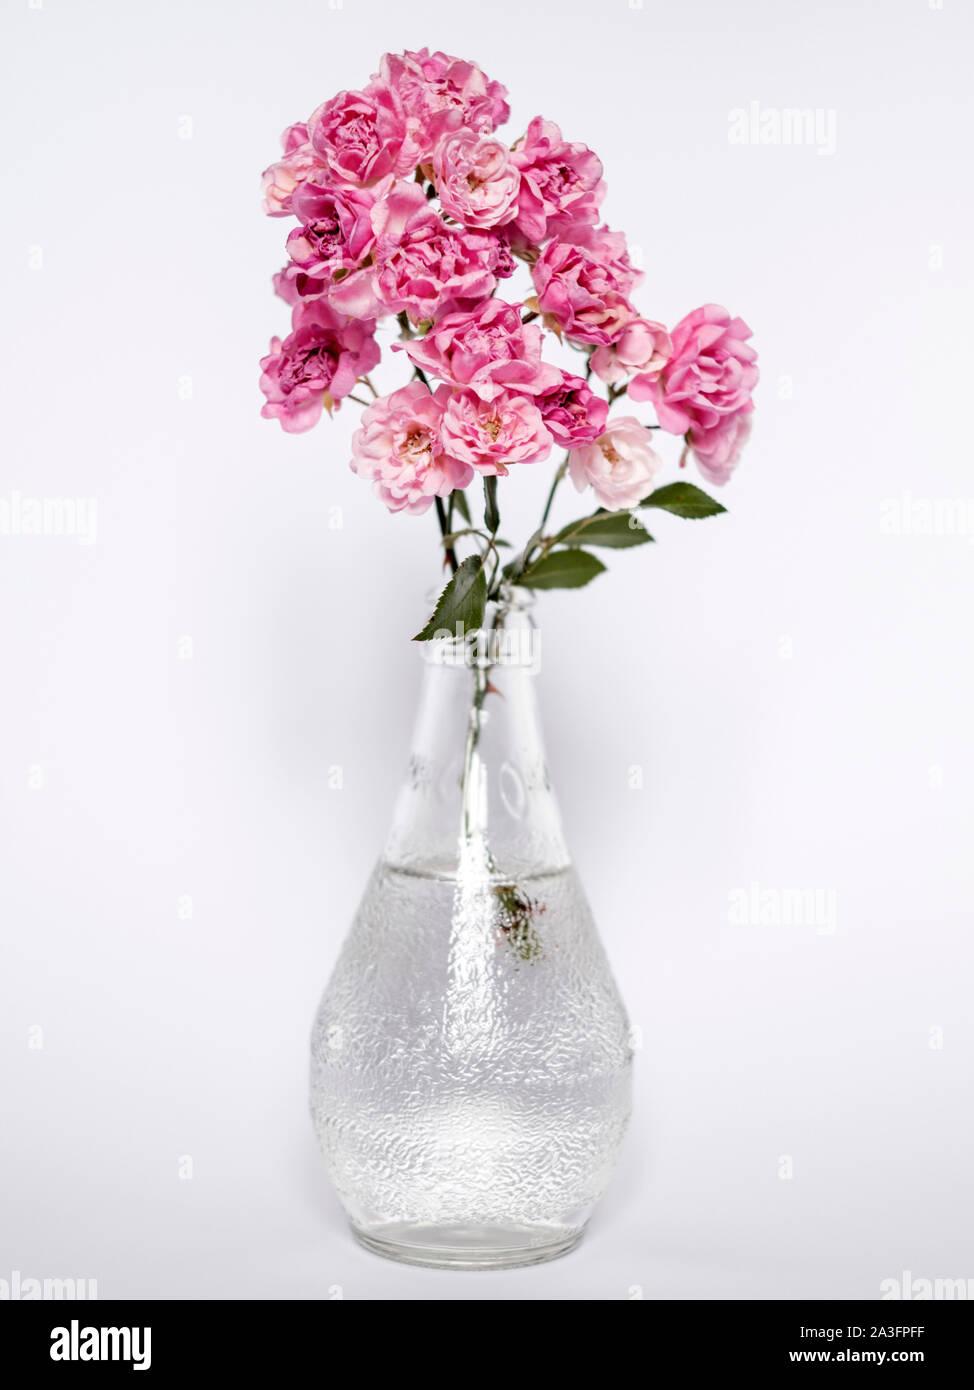 Rosa Rosen in einer Flasche vase Stockfoto